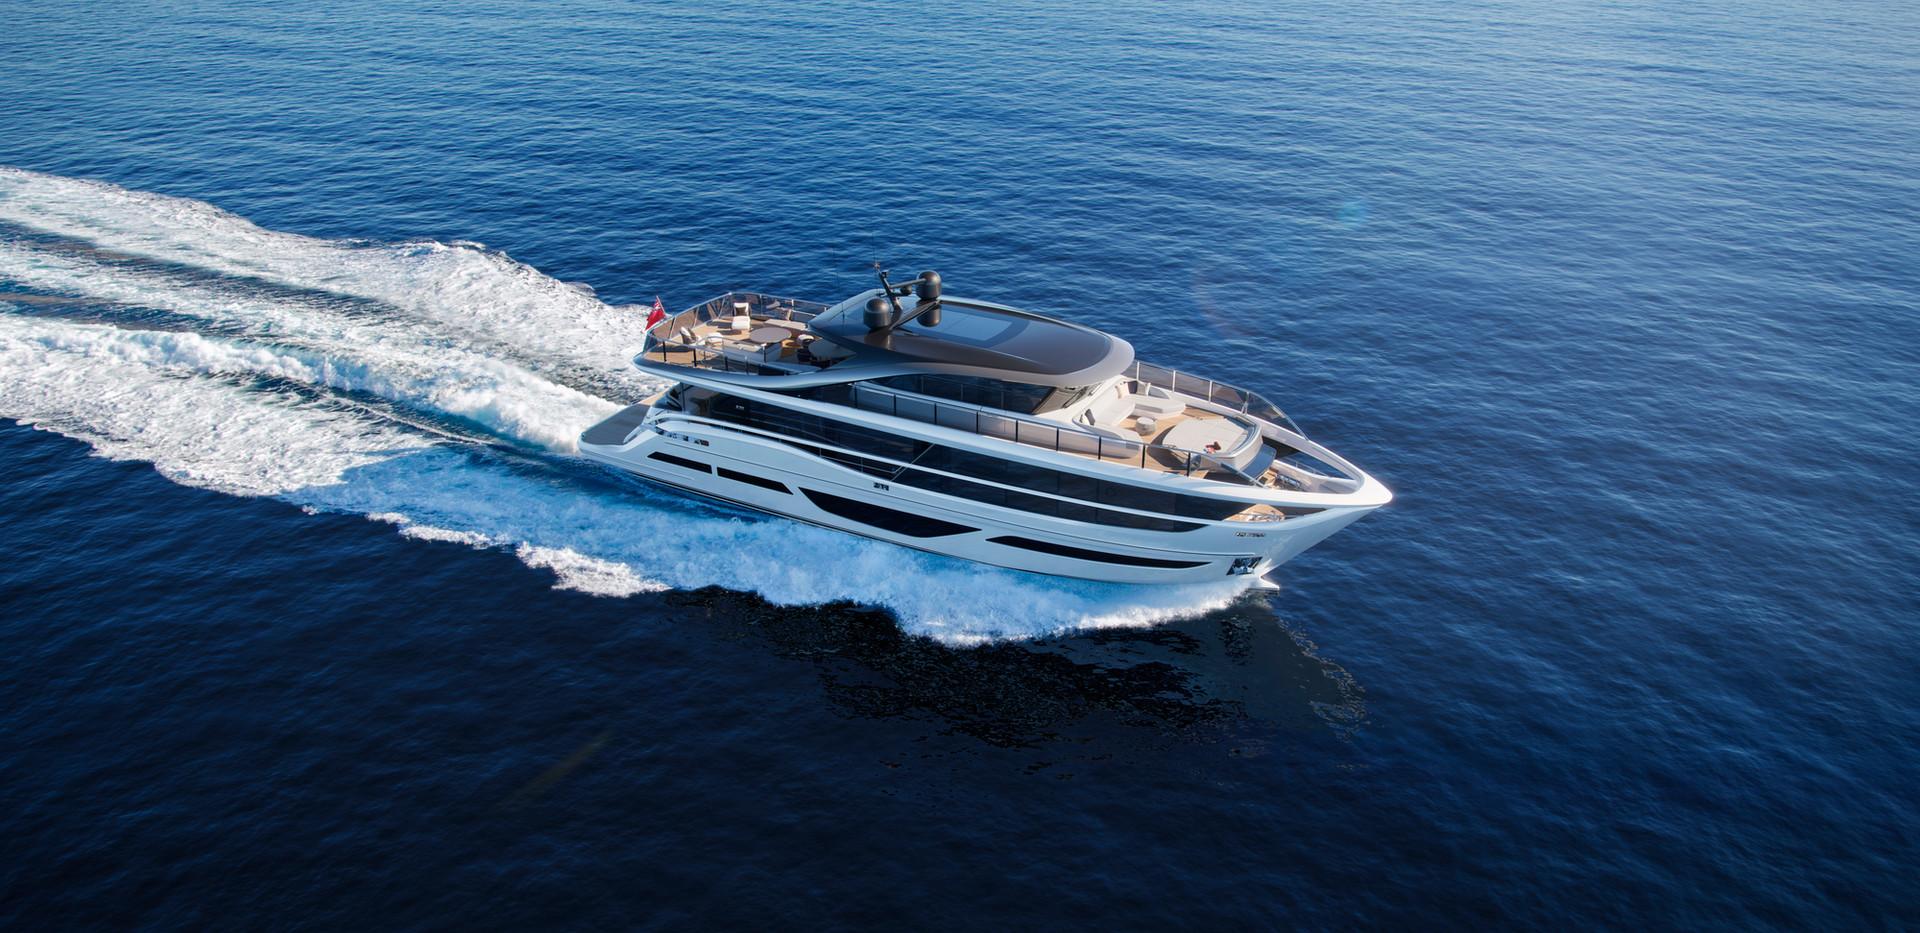 x95-exterior-white-hull-cgi-1.jpg